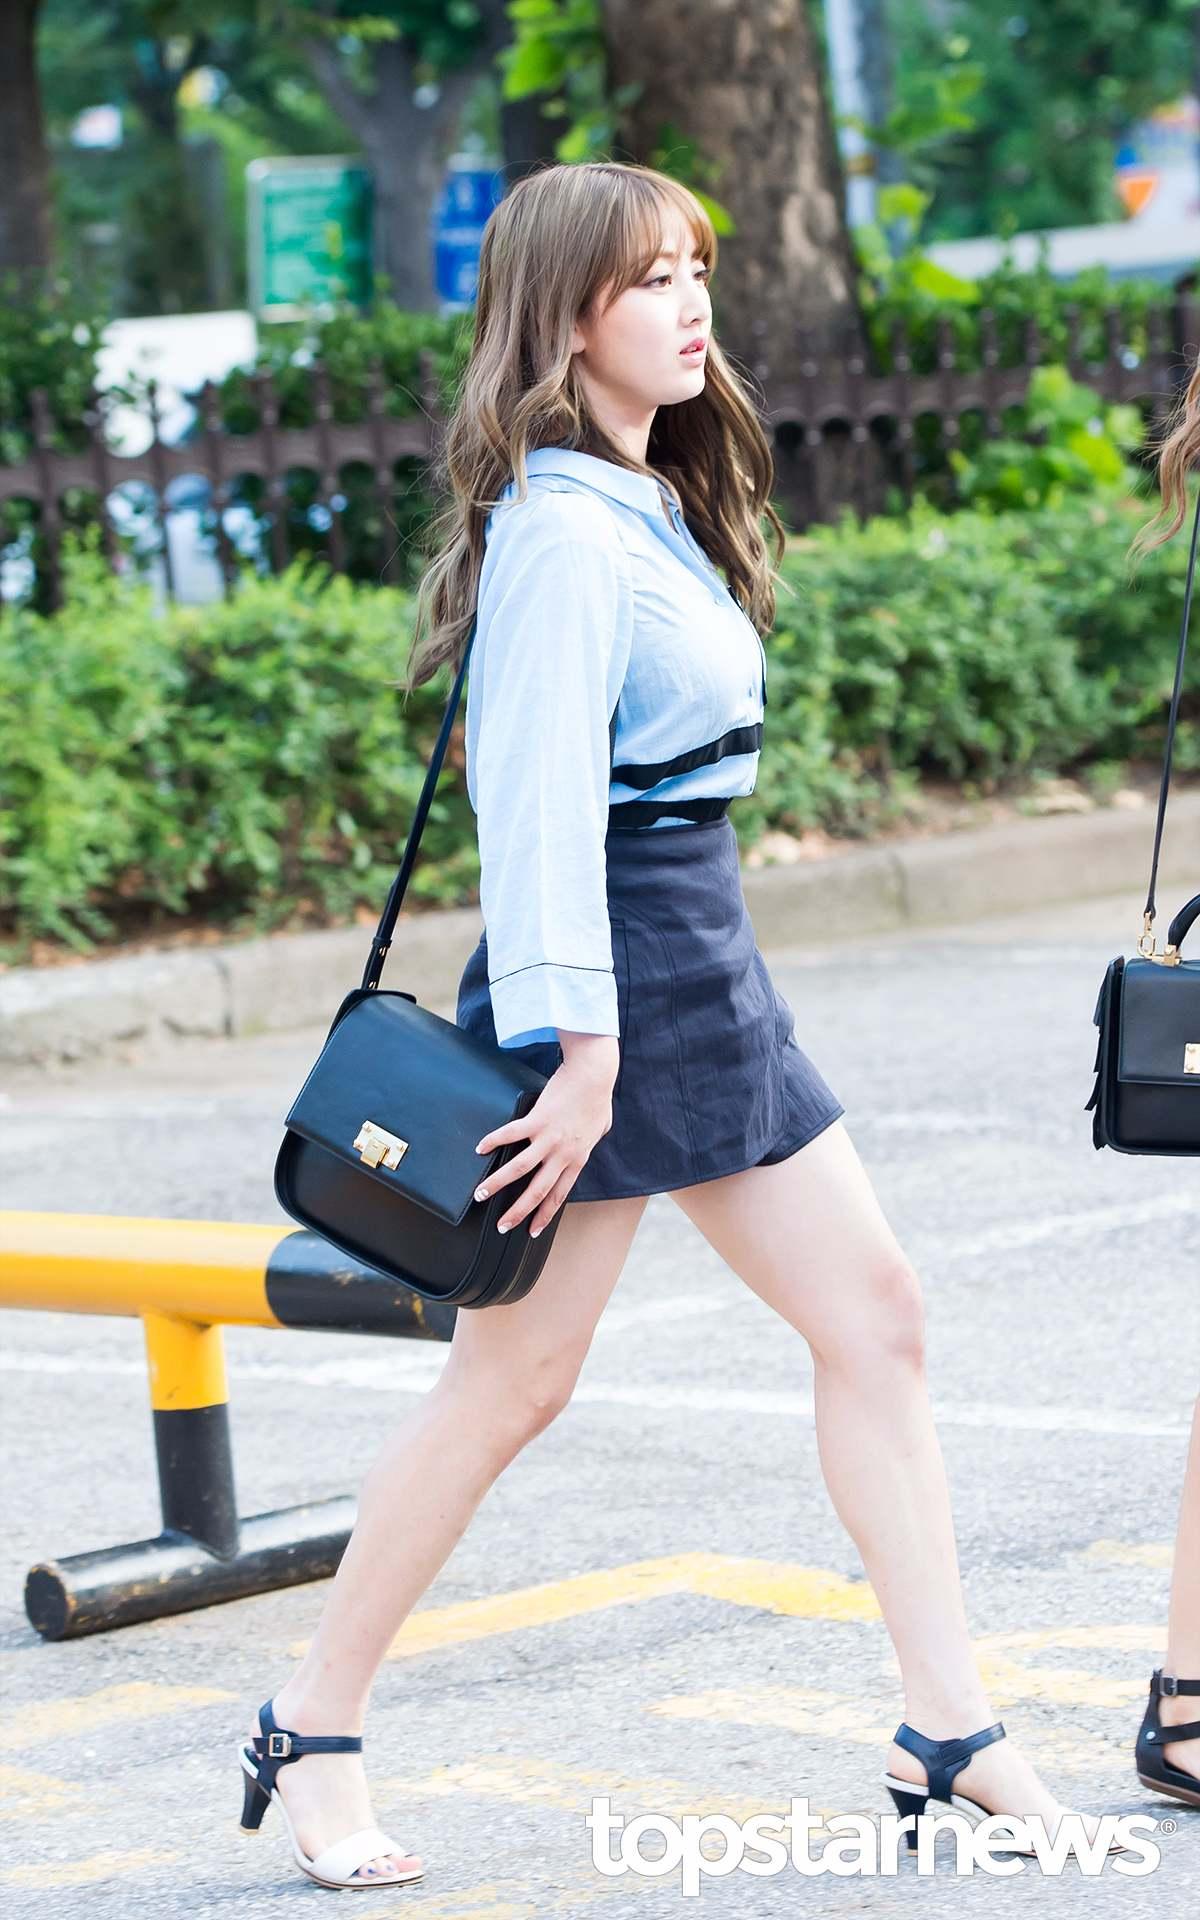 ♡志效 跟Mina一樣走輕熟風還有隊長志效,志效還是一貫的用睡衣風格的襯衫搭配A字裙。志效睡衣風格的襯衫基本都以藍白兩色為主,設計上也多是滾邊。